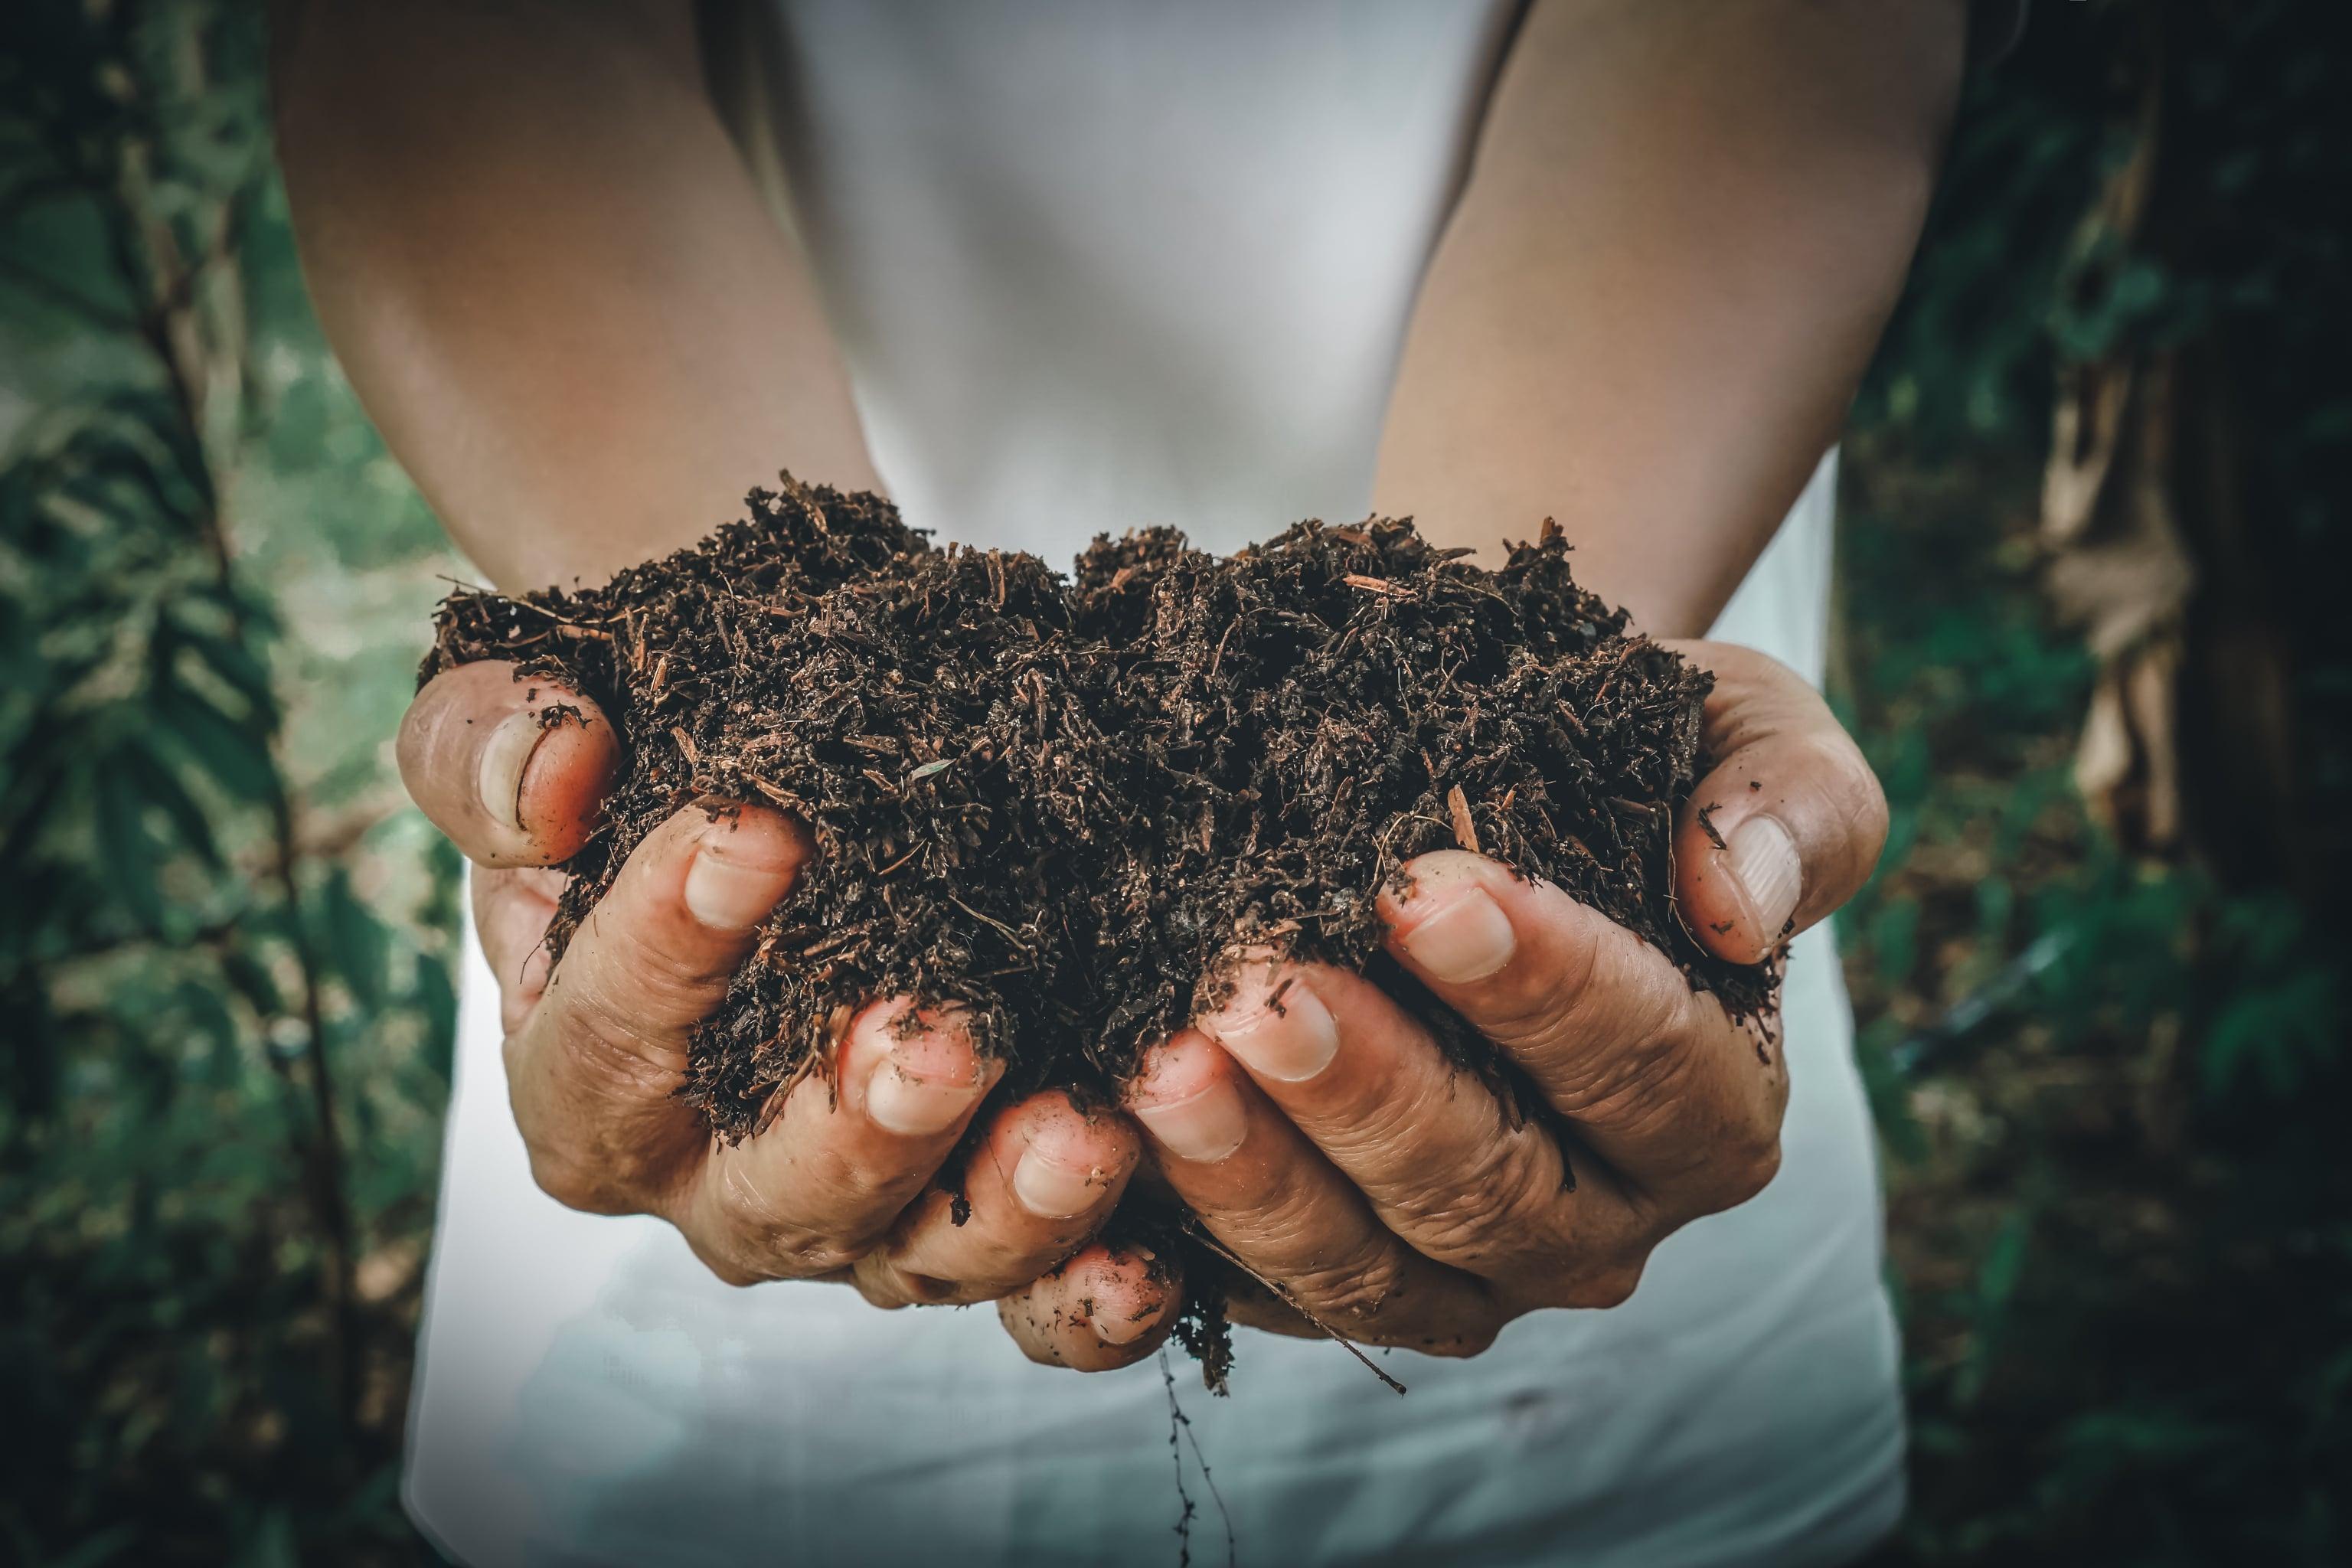 utilizar insumos organicos e importante para o futuro da agricultura